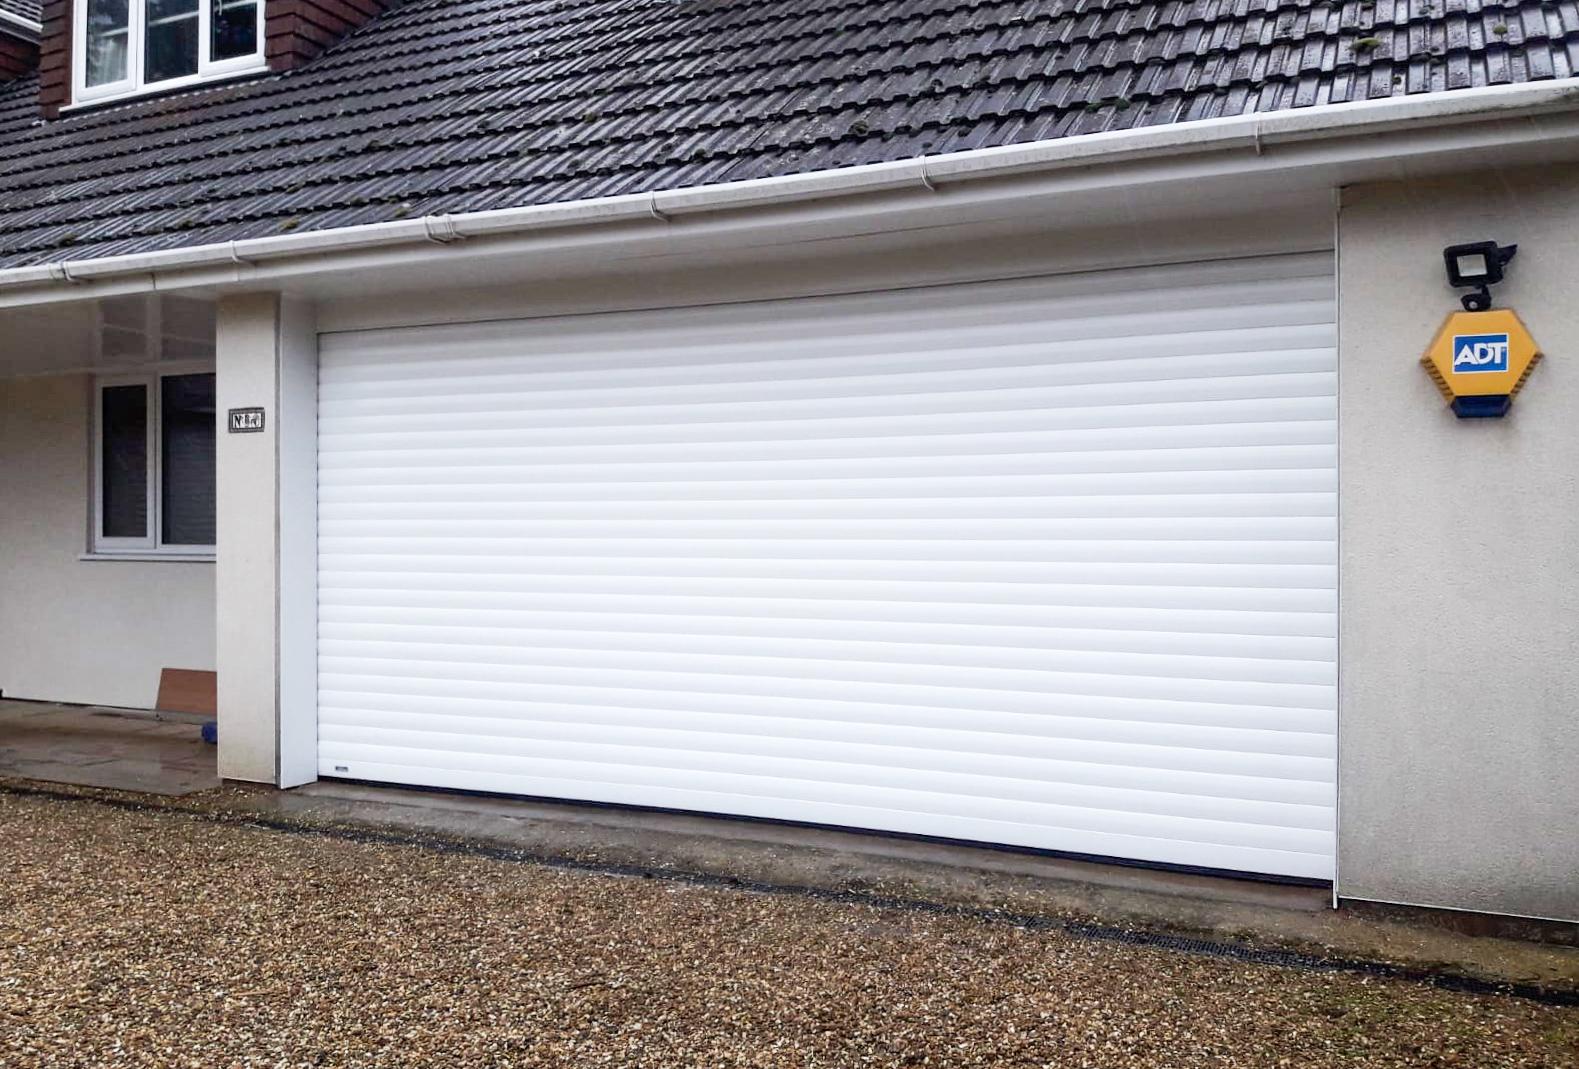 SeceuroGlide Insulated Double Roller Garage Door